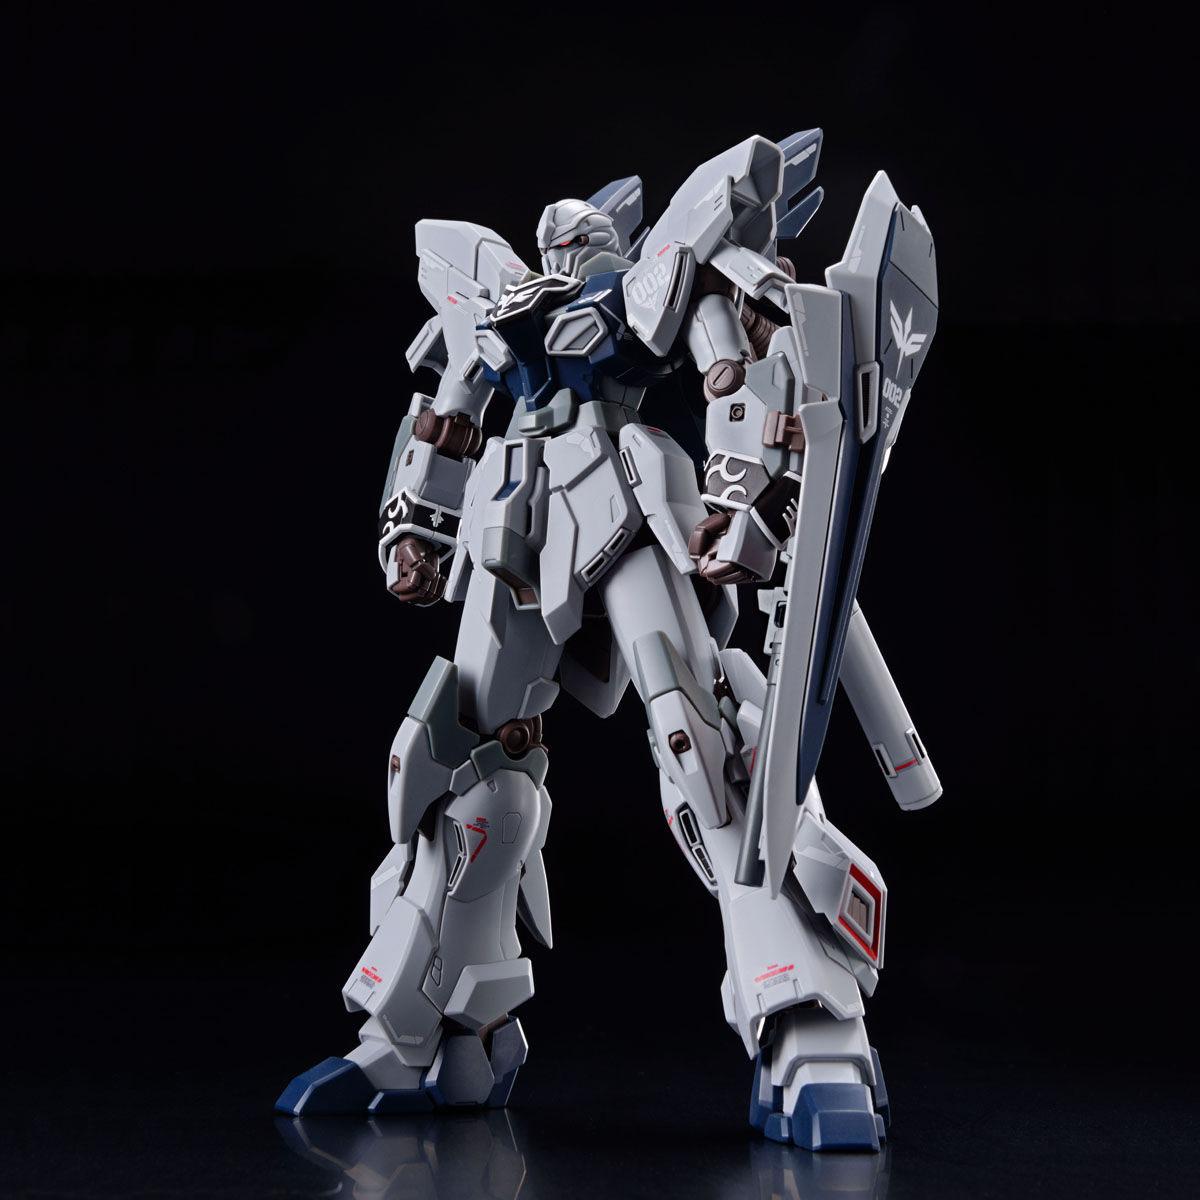 HG 1/144『II(セカンド)ネオ・ジオング(ナラティブVer.)』プラモデル-009